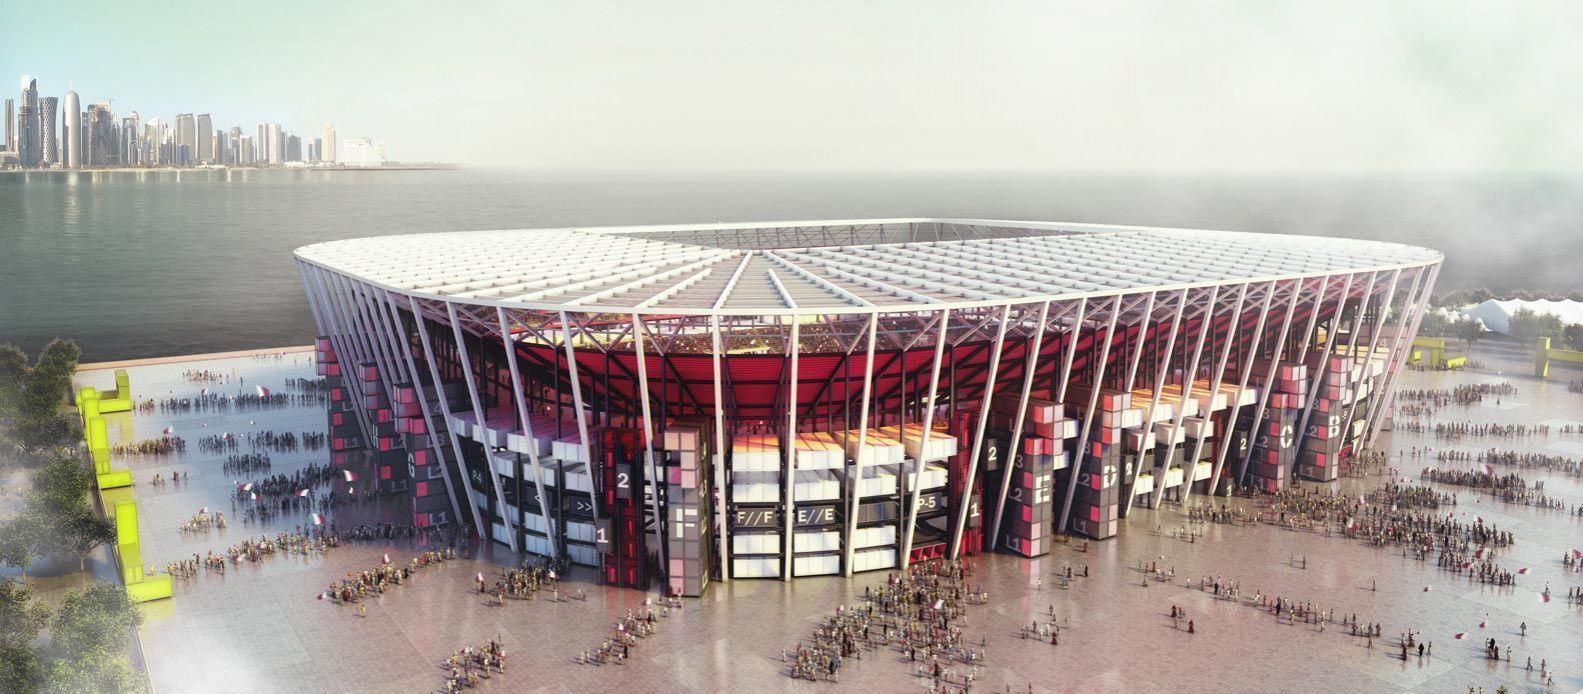 WM 2022: Katar baut Fußball-Stadion aus Schiffs-Containern